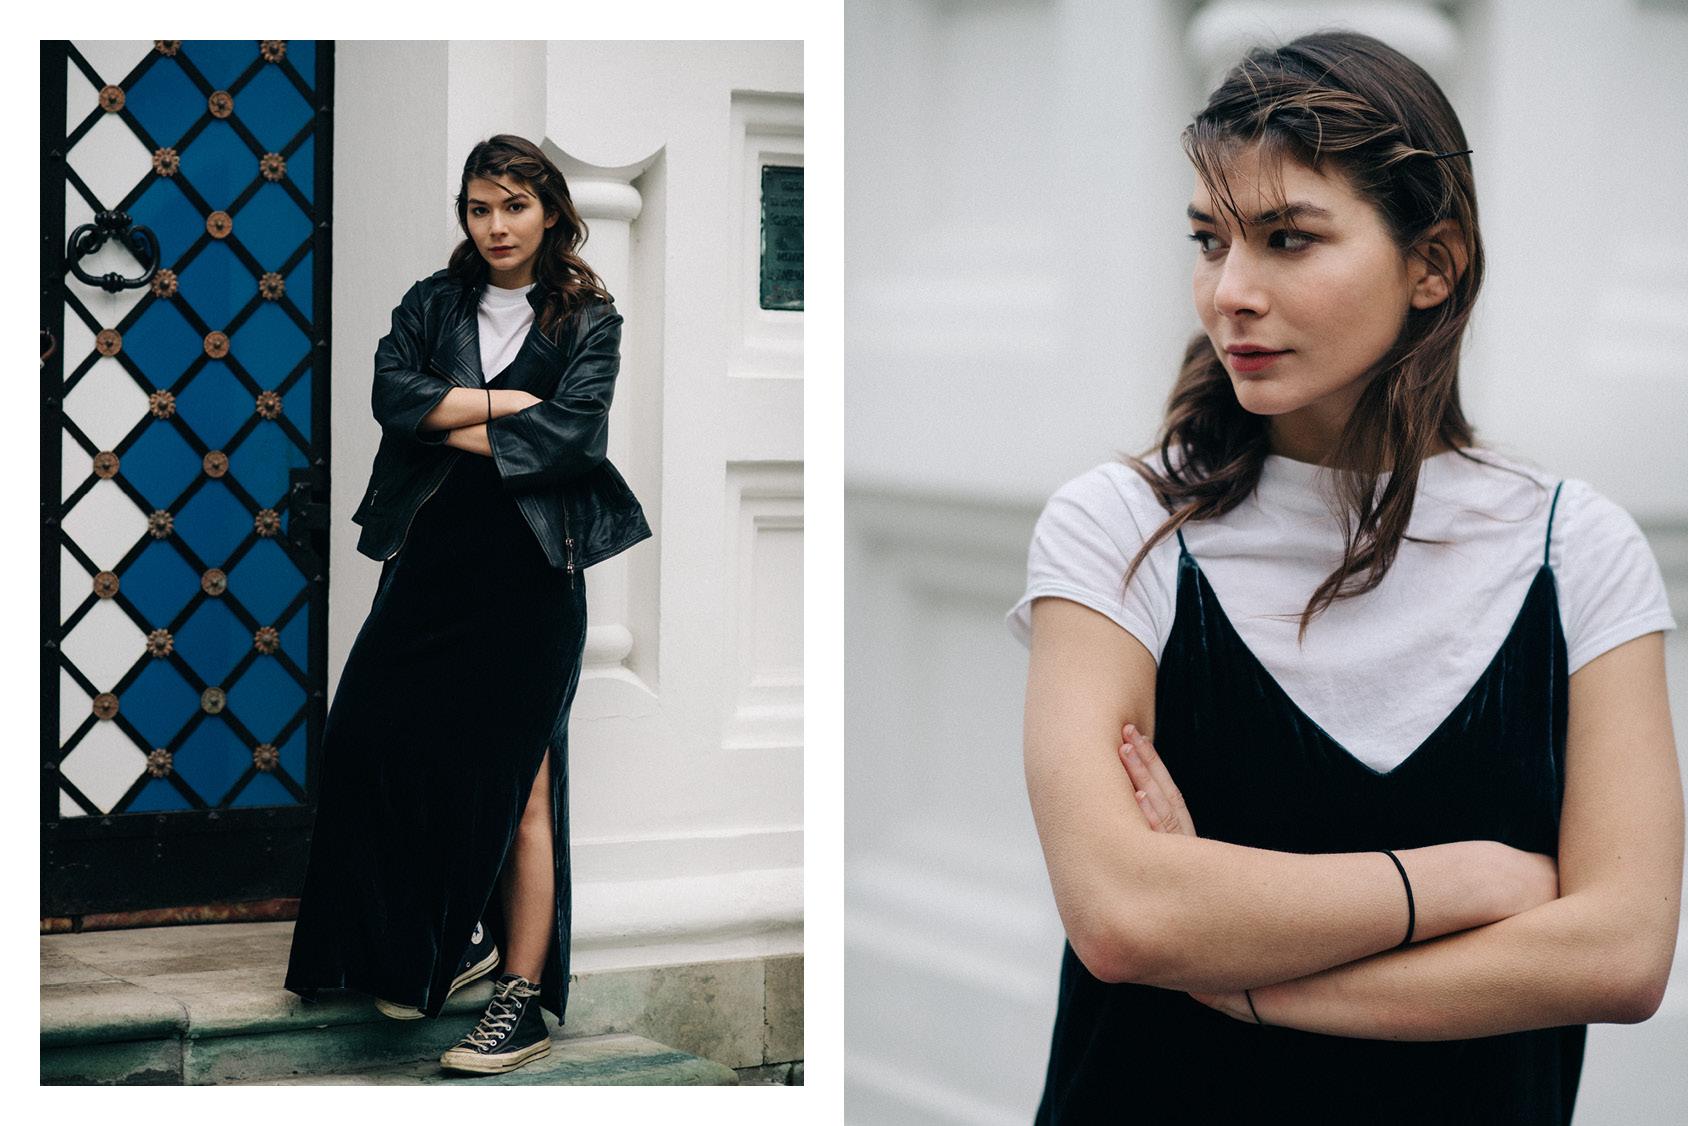 Sasha Mikhalkova 身着 H&M 吊带裙